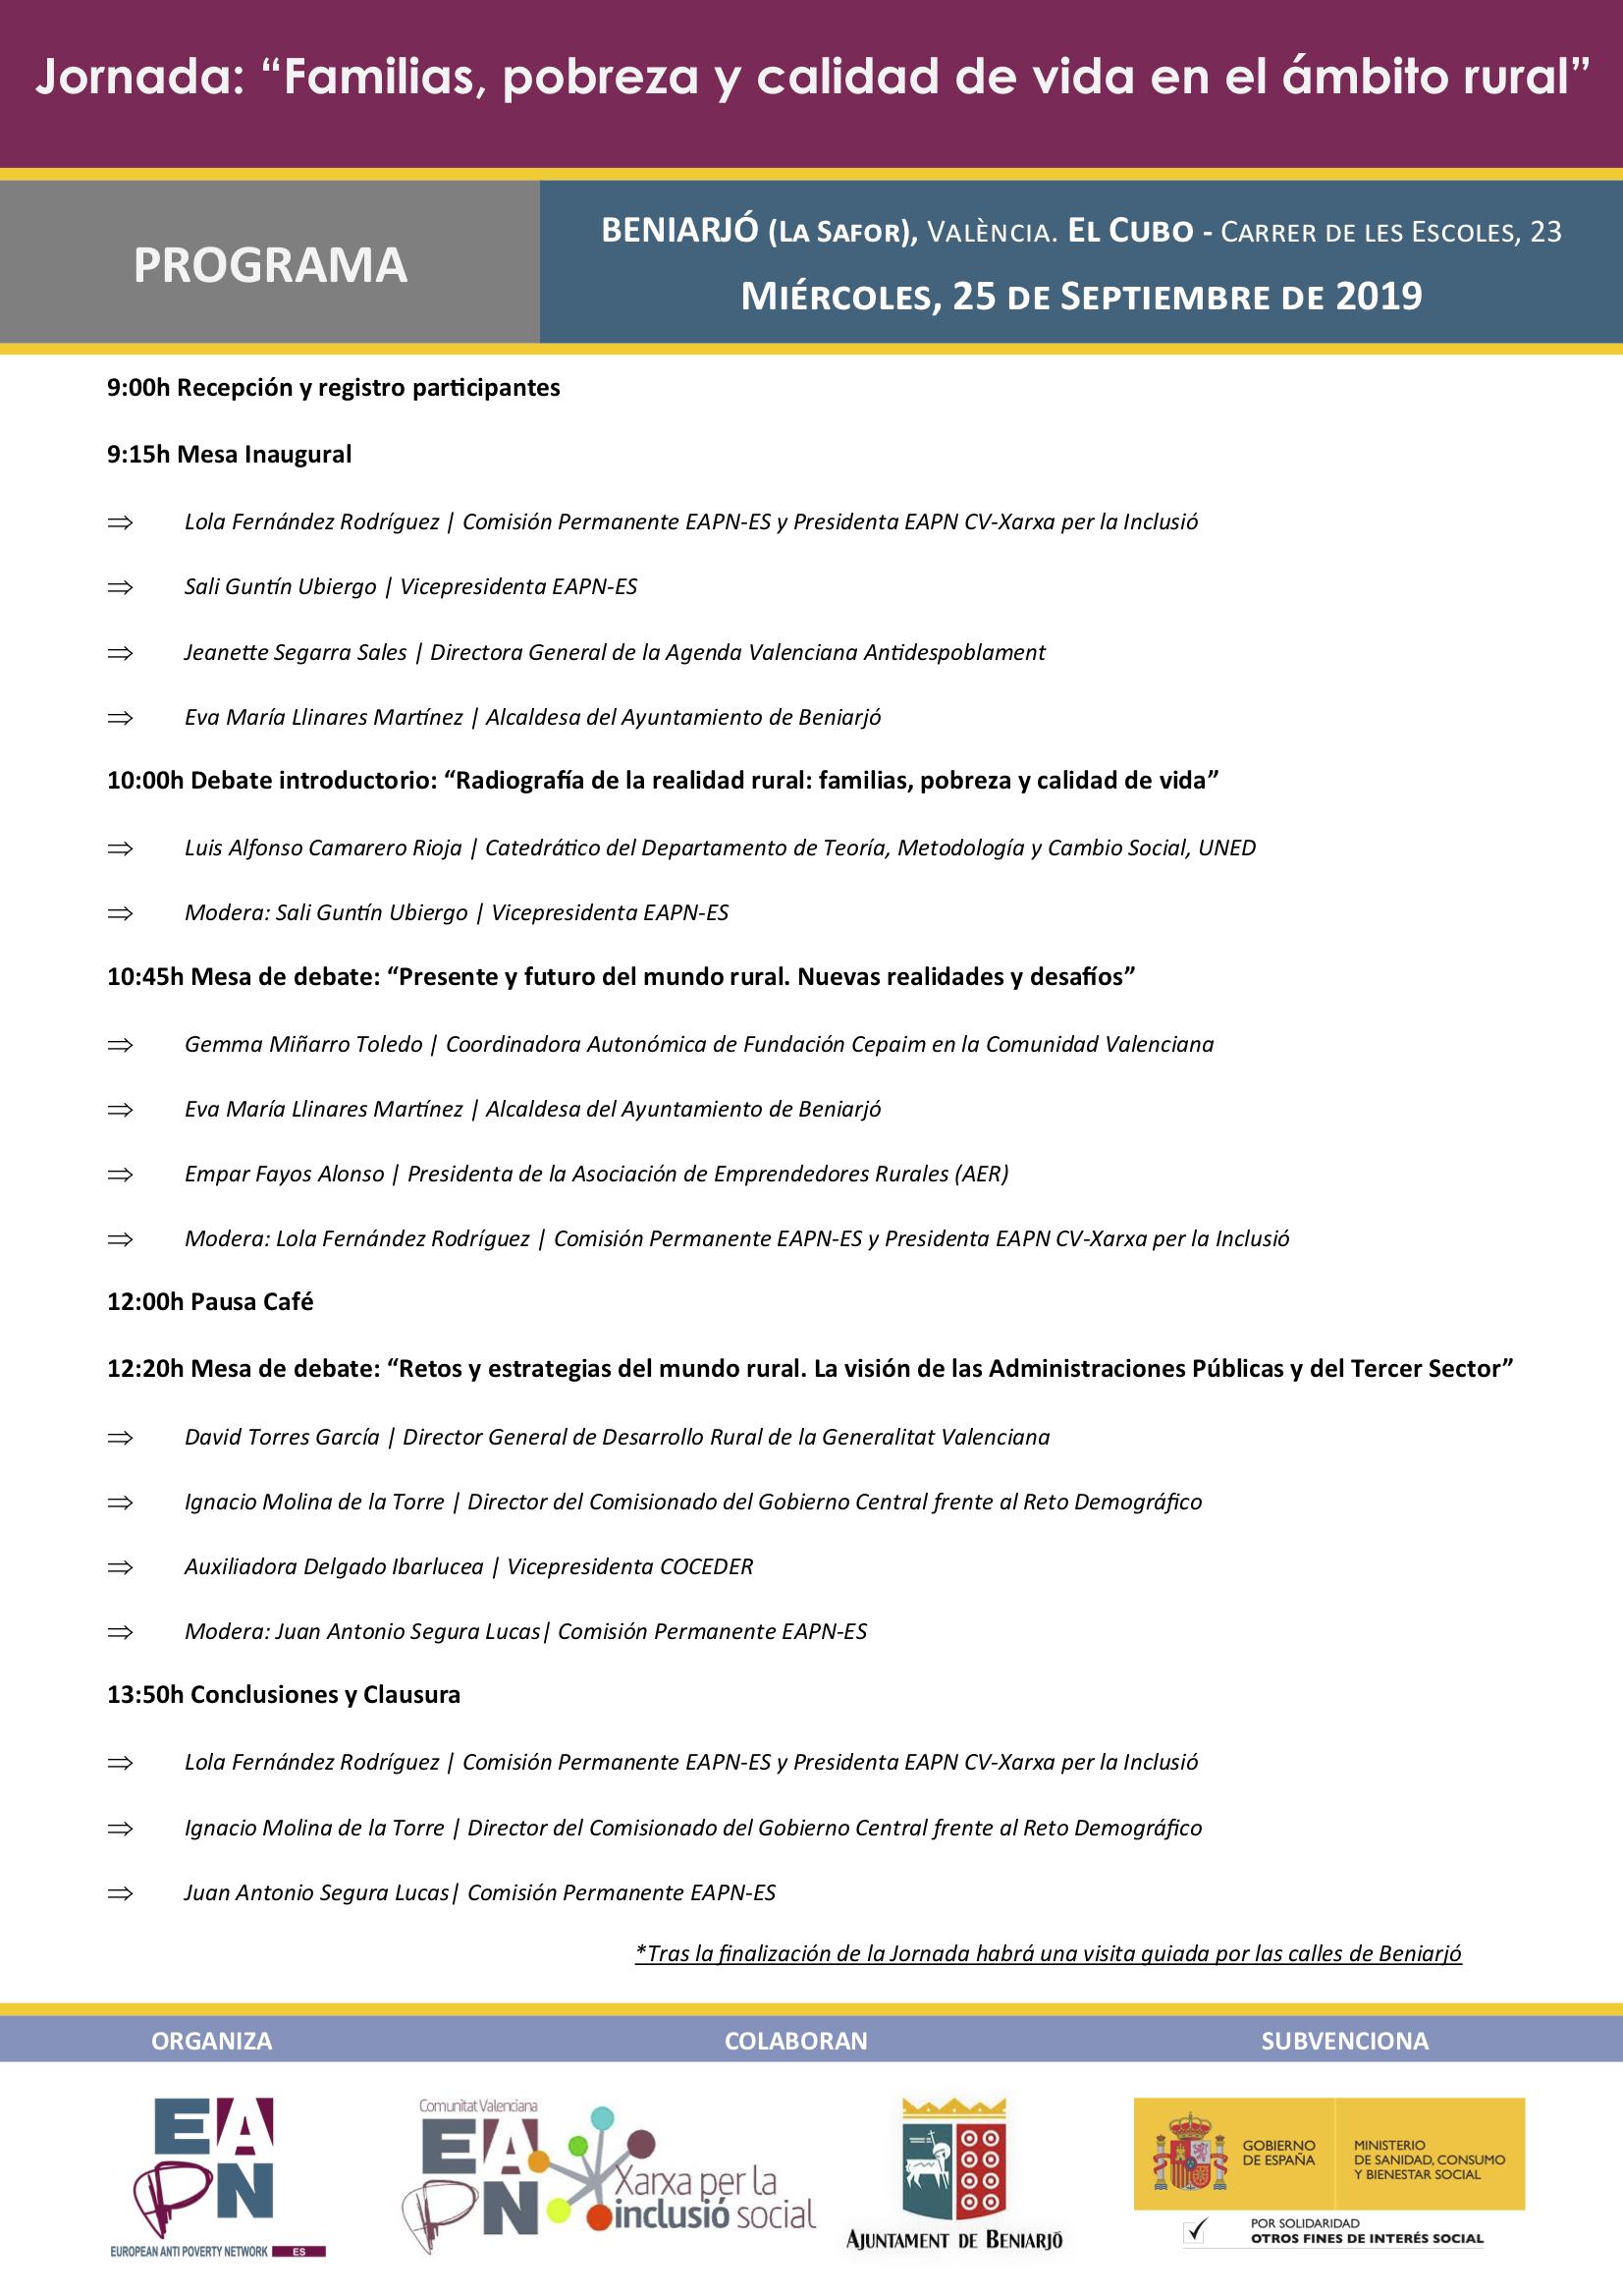 2019.09.25_Beniarjó_Programa Jornada Pobreza Rural y Familias